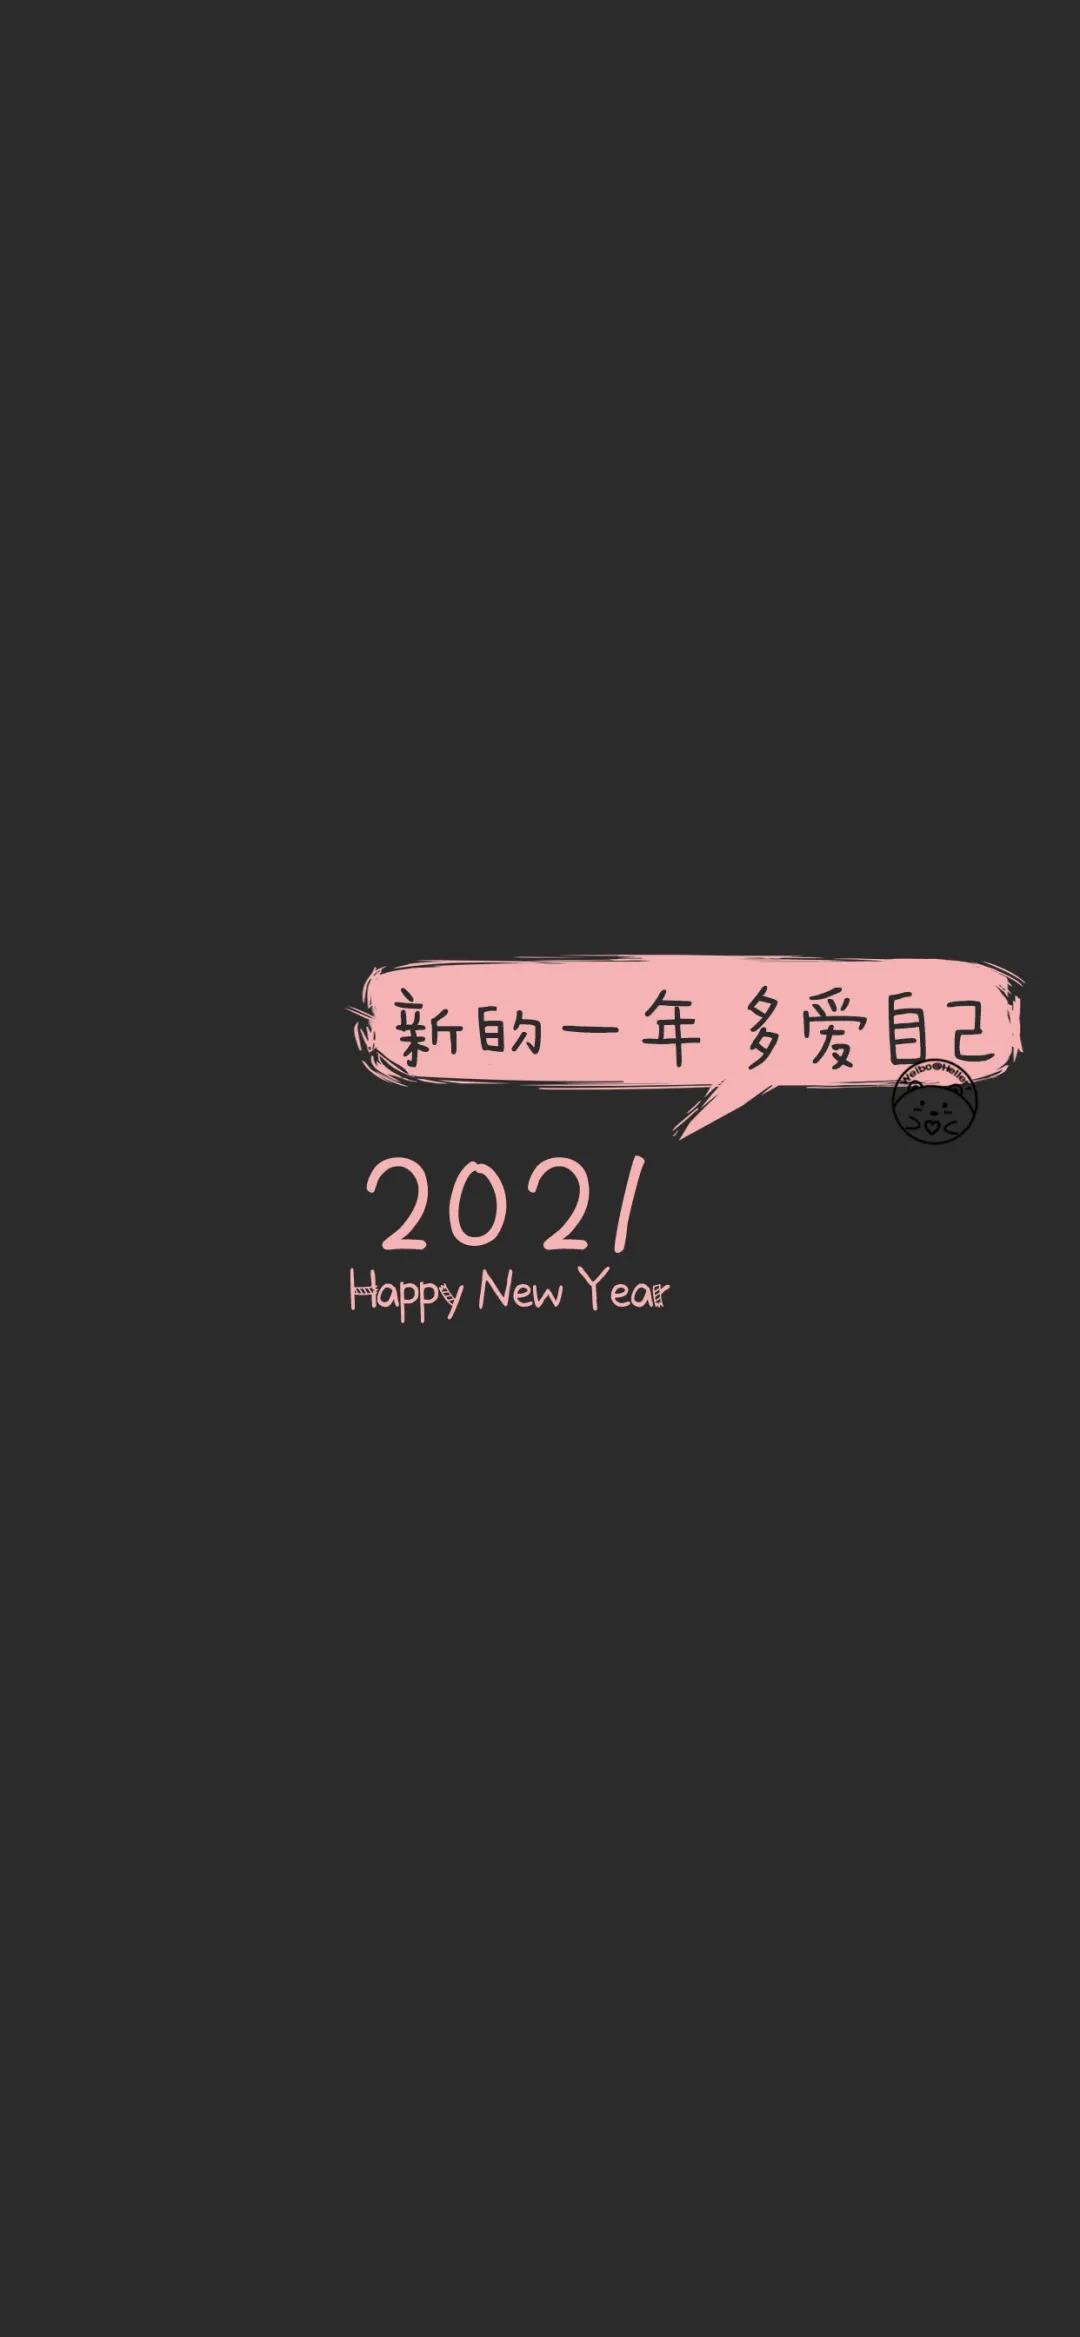 壁纸   2021手机壁纸插图9